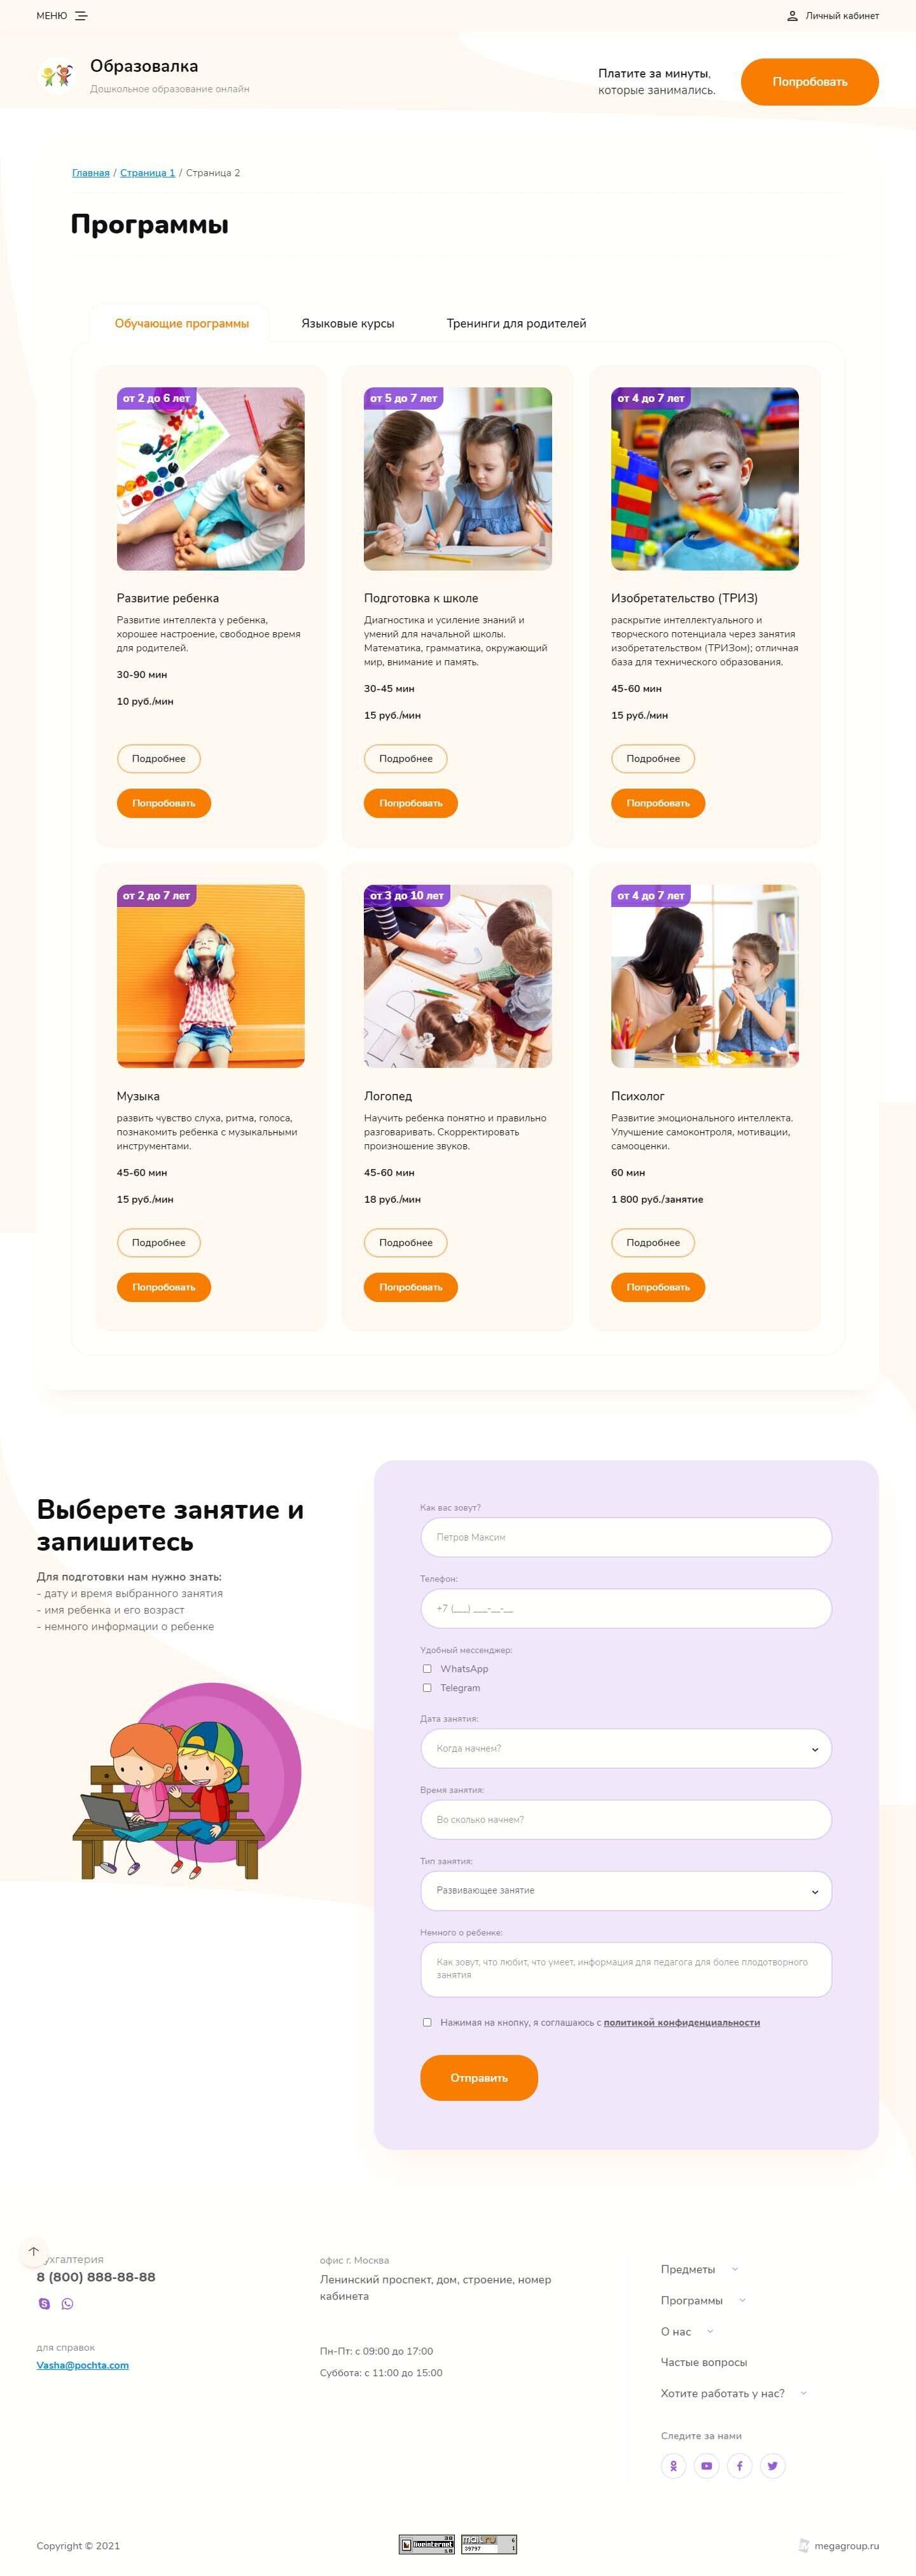 Готовый Сайт-Бизнес № 3011105 - Сайт центра дошкольного образования (Программы)